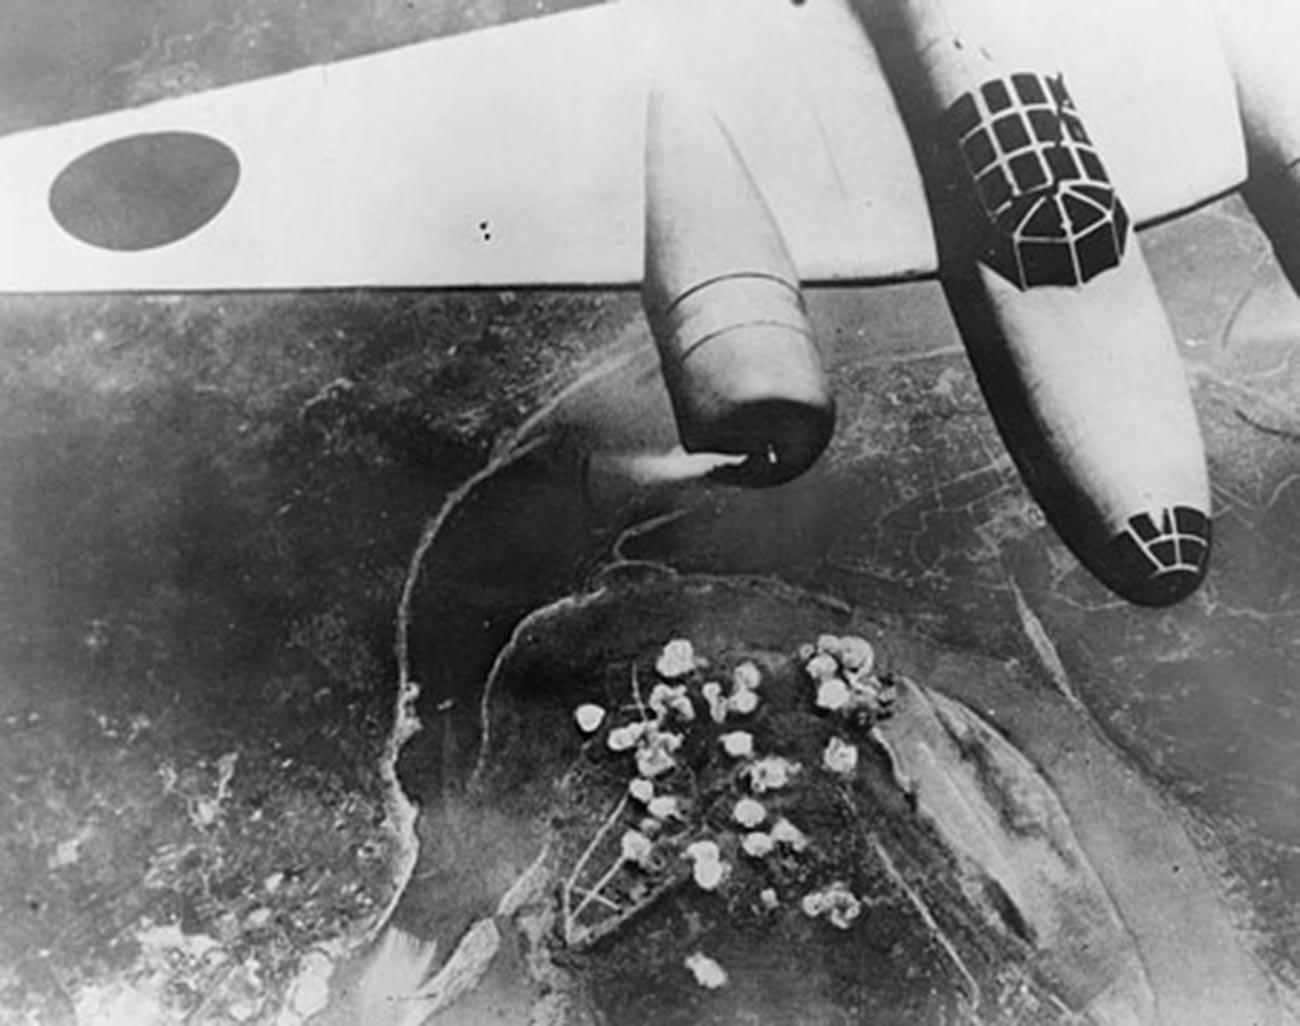 Јапанци бомбардују кинески град